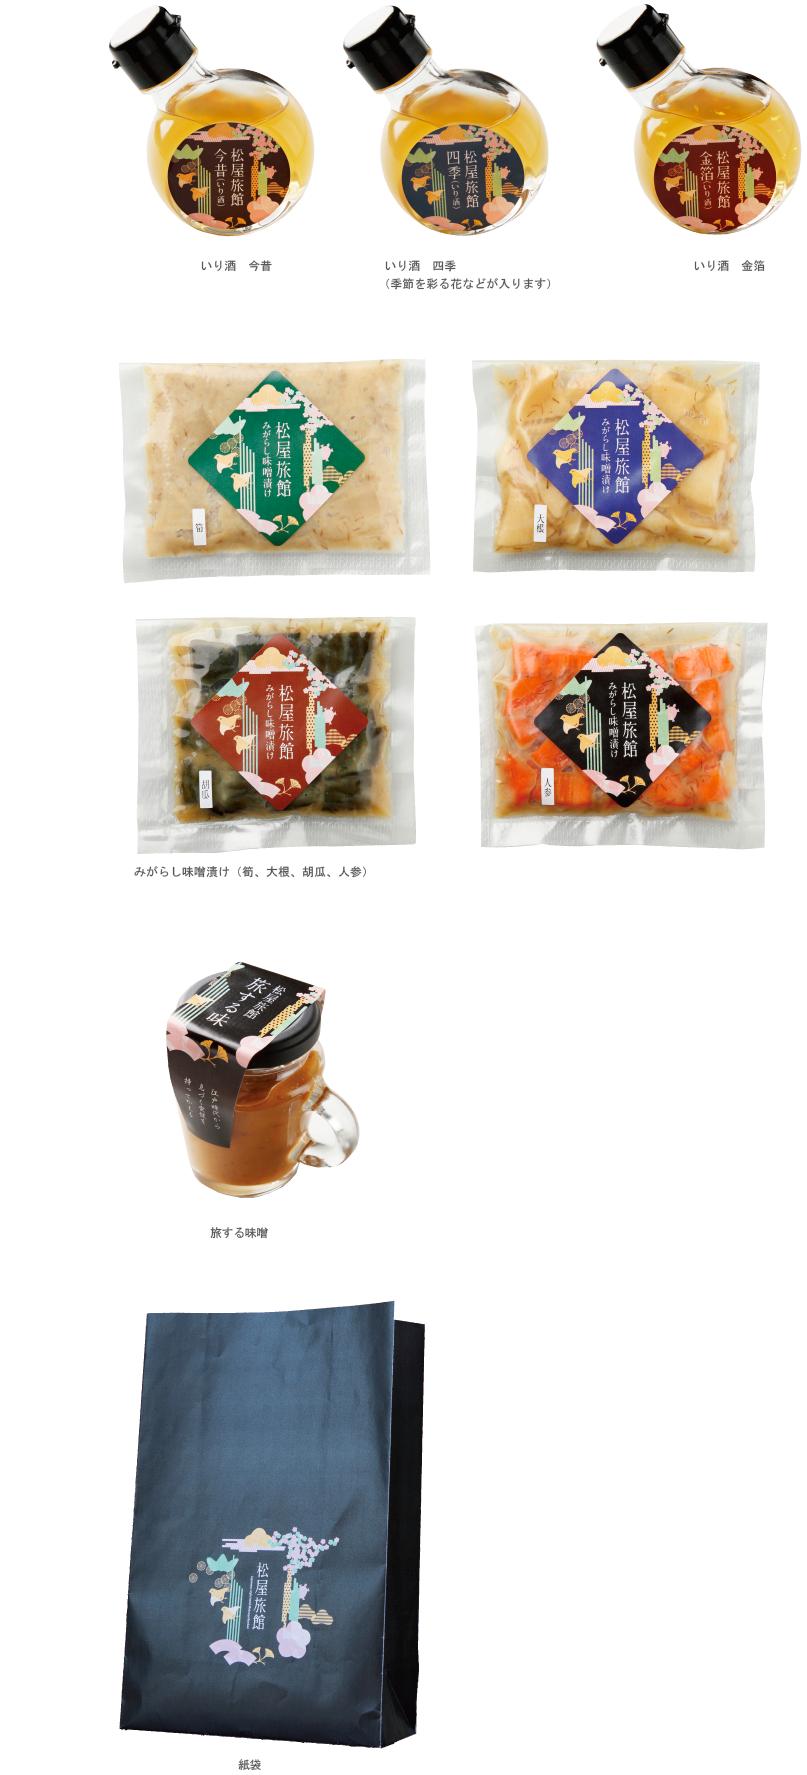 松屋旅館 パッケージデザイン